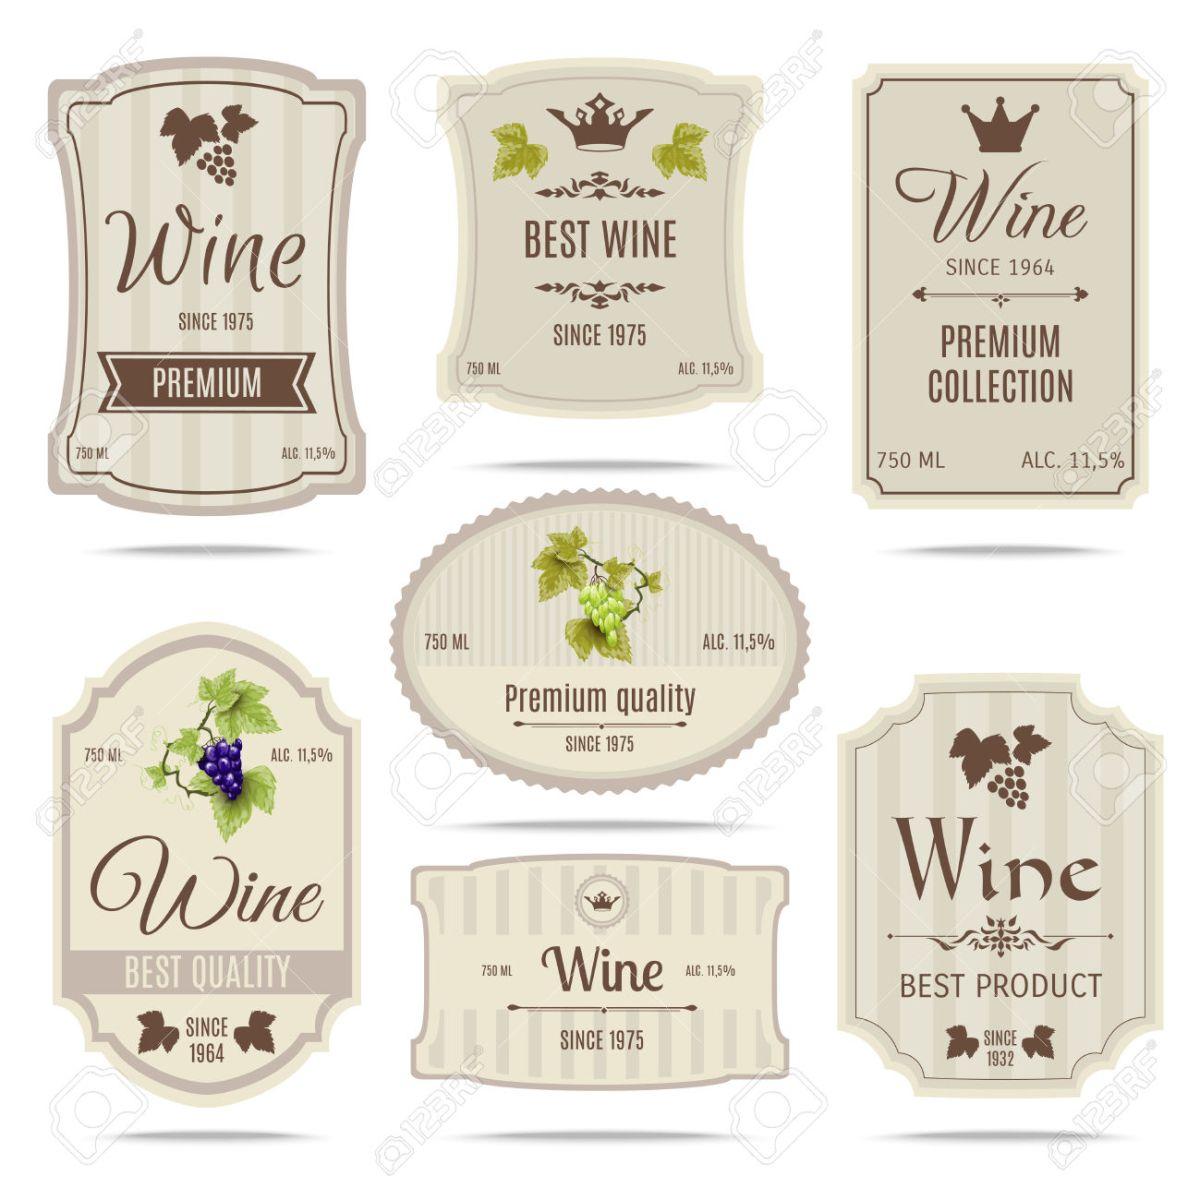 Como son las etiquetas de los vinos según el país